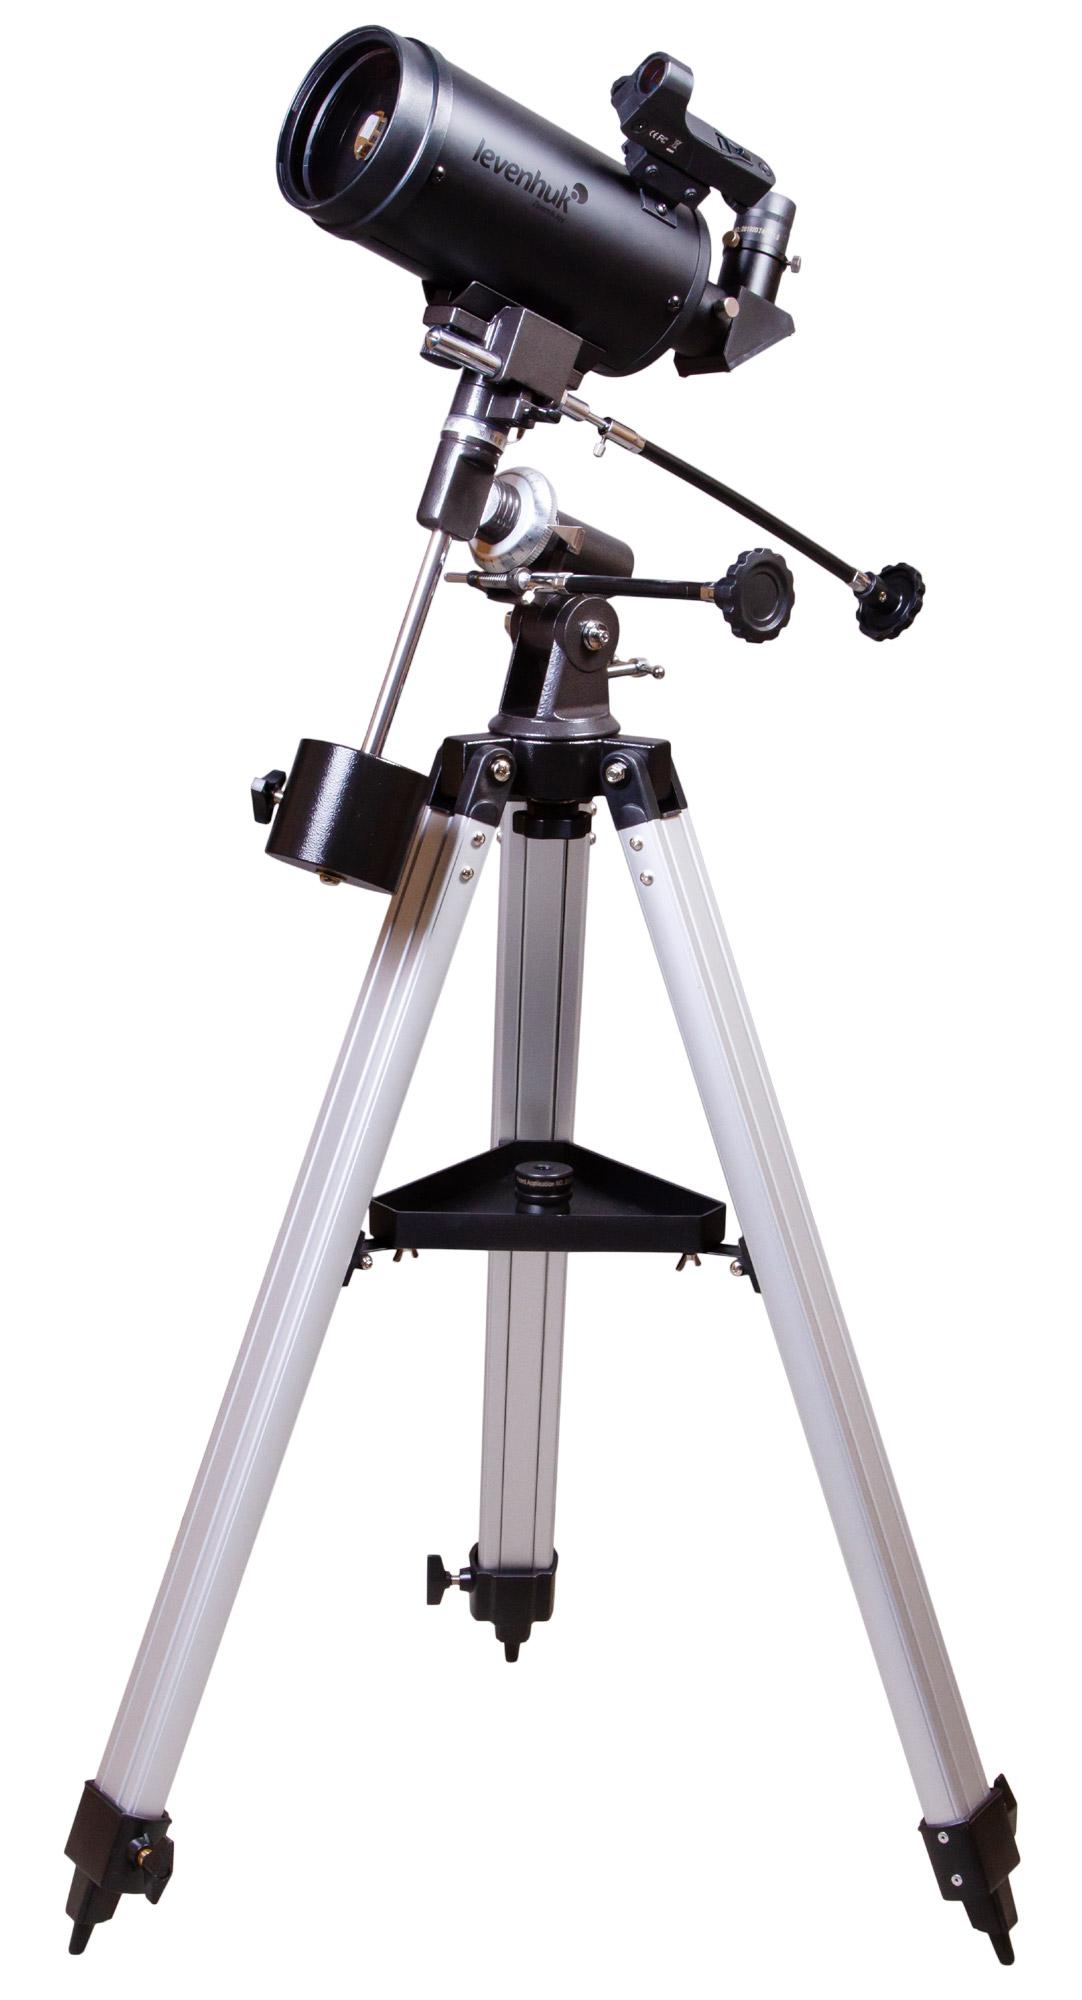 Картинка для Телескоп Levenhuk (Левенгук) Skyline PLUS 90 MAK